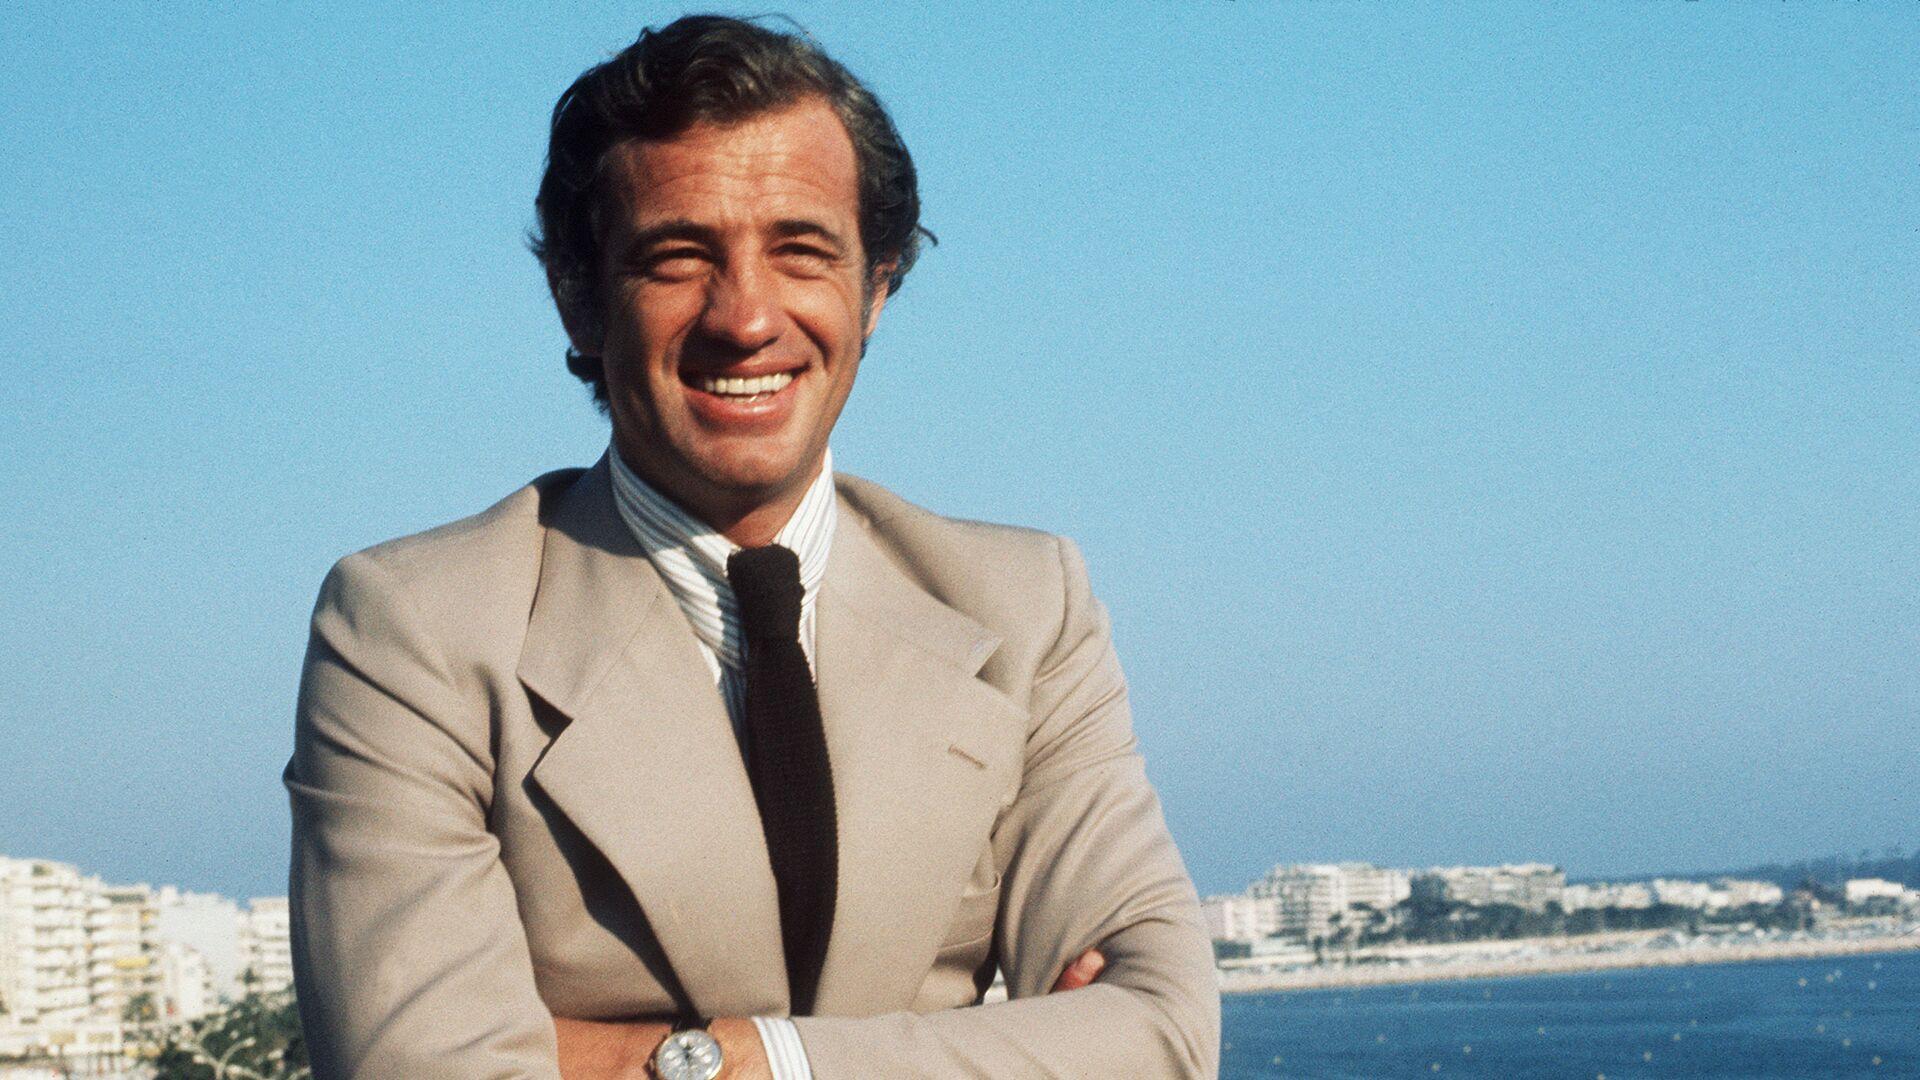 Jean-Paul Belmondo během filmového festivalu v Cannes v roce 1974 - Sputnik Česká republika, 1920, 09.09.2021